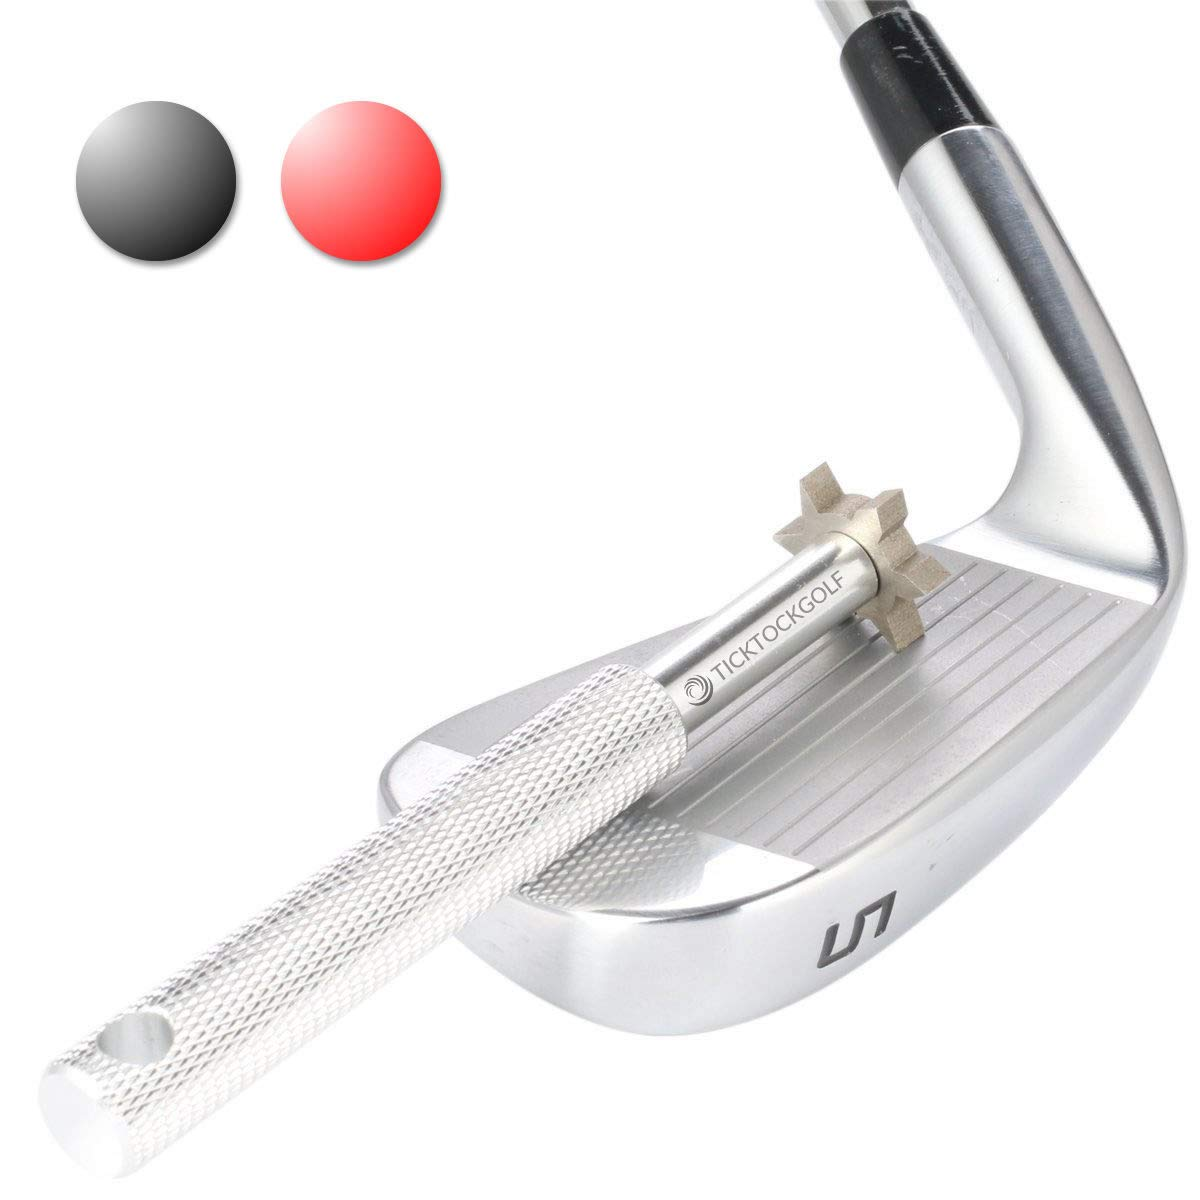 Afilador de ranura Golf. Limpiador de Club de Golf y club reparación. Golf accesorios mejora Backspin & control del balón en todas sus cuñas y ...